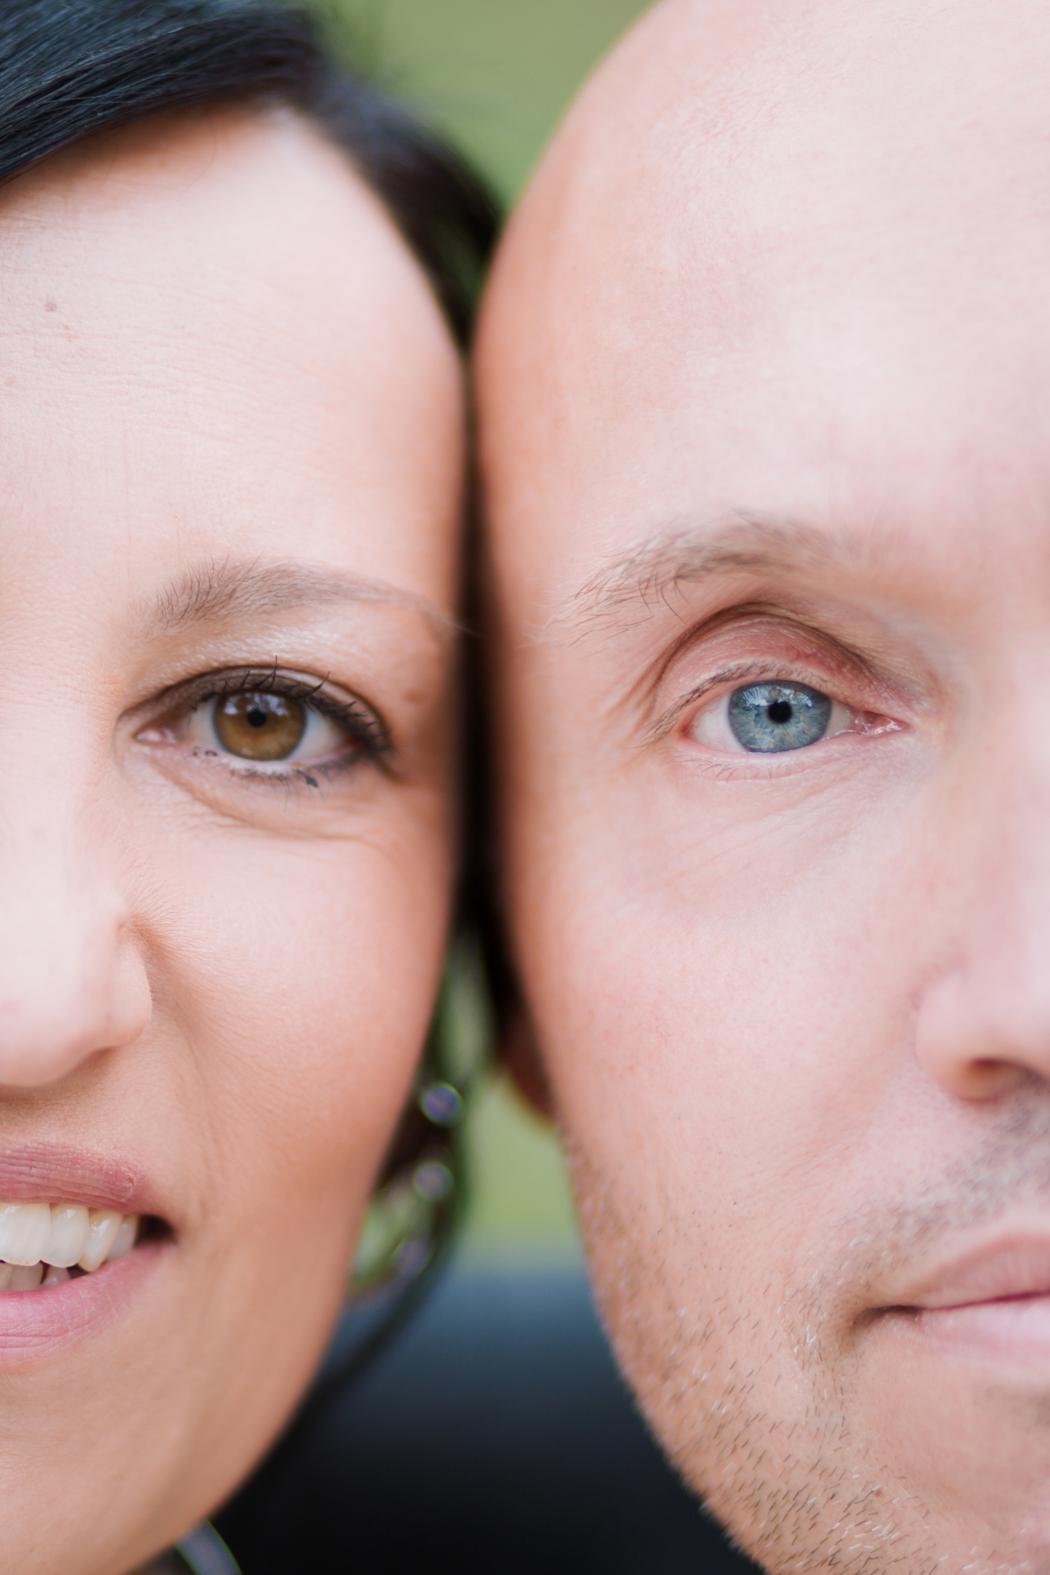 Hochzeitsfotos-Saalfeld-Voigtlaender-Zeuner (27)